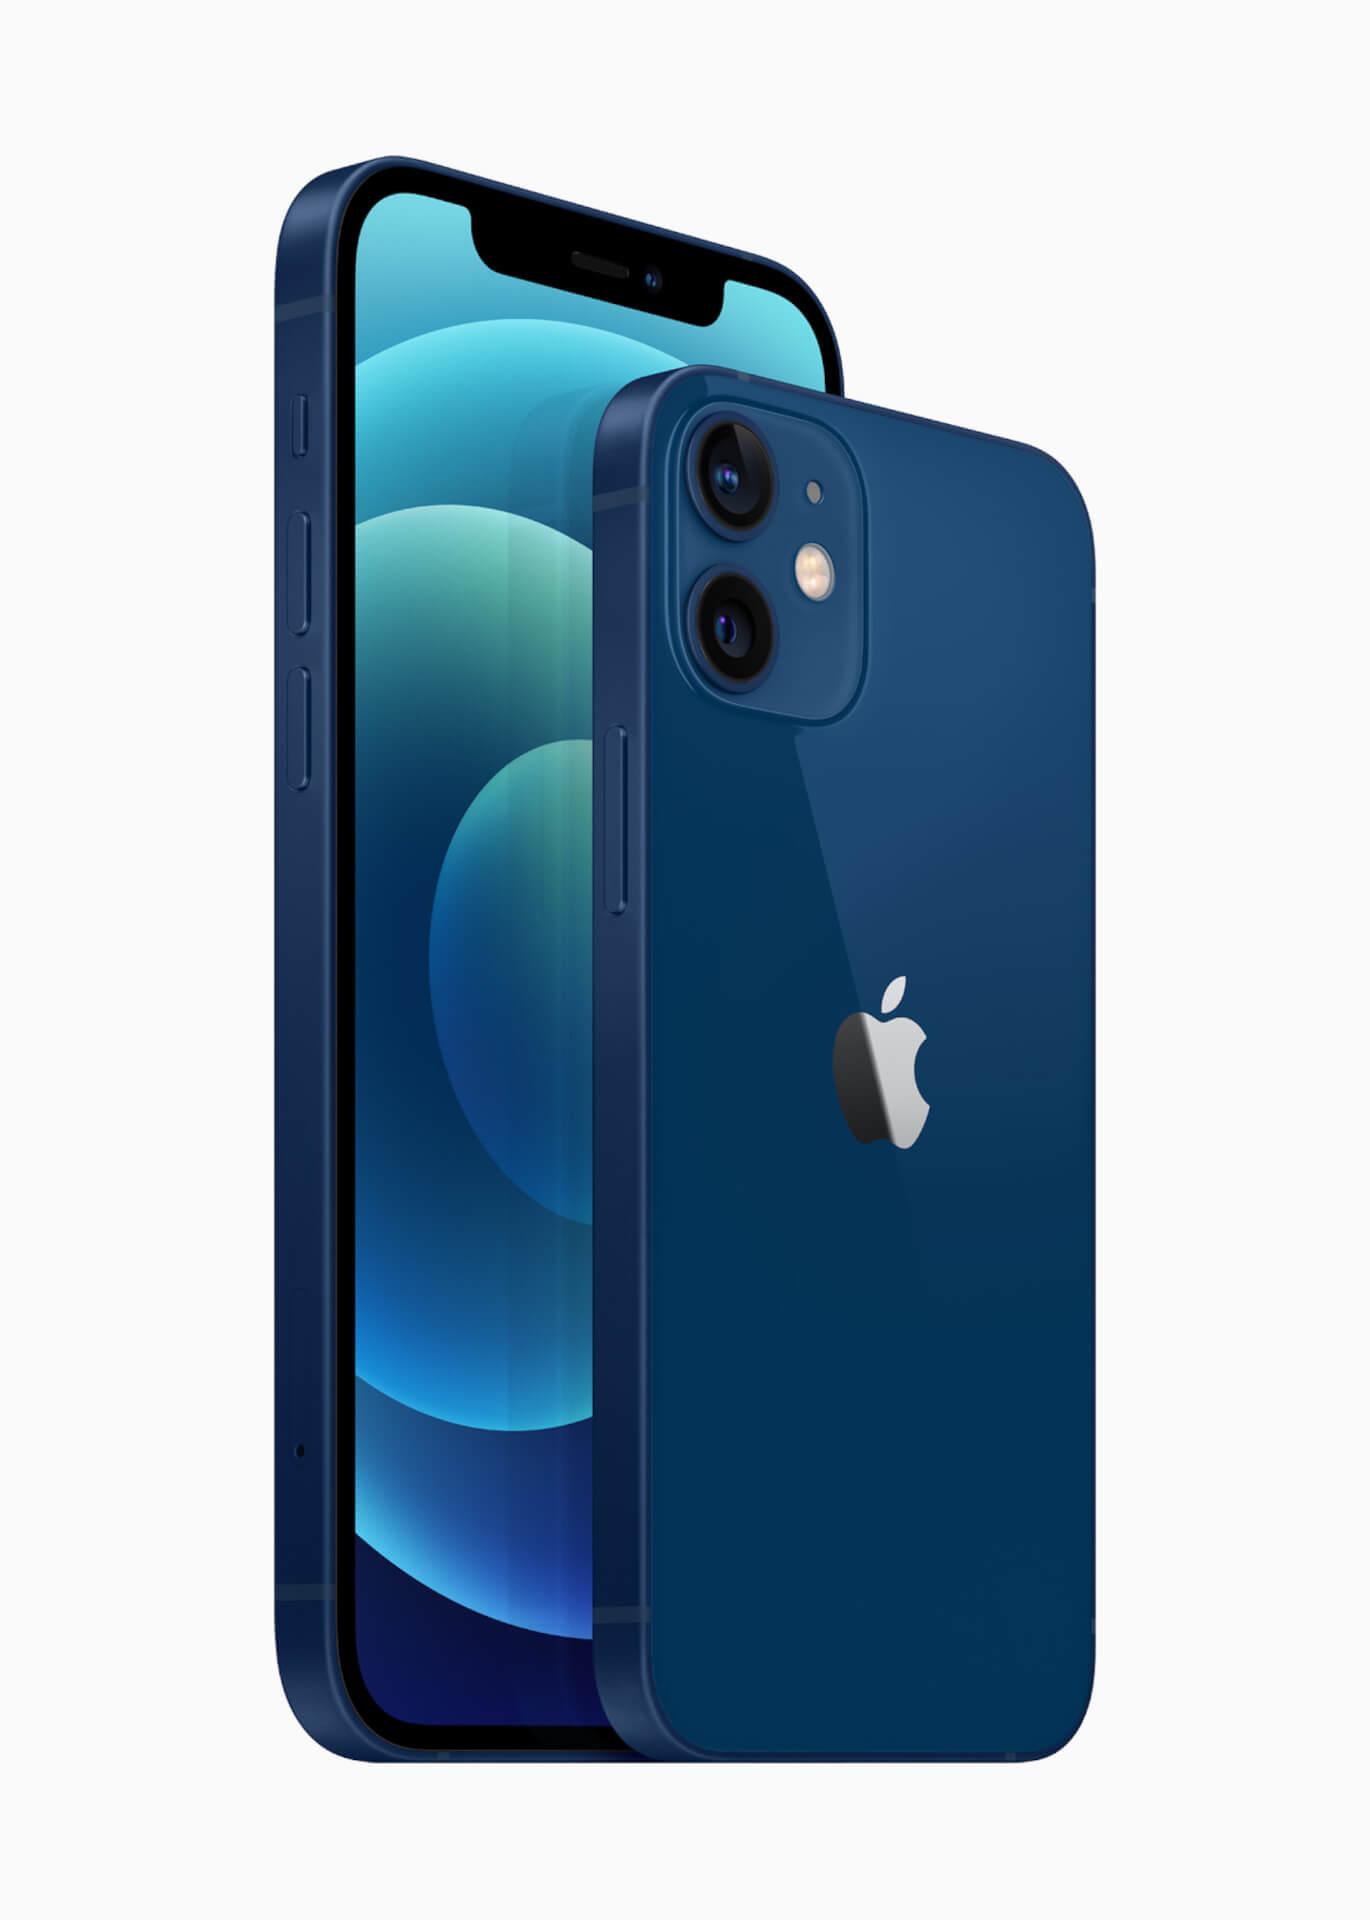 5G対応のiPhone 12シリーズがついに発表!新デザイン、A14 Bionicチップ、MagSafeなど特長をおさらい tech201014_iphone12_4